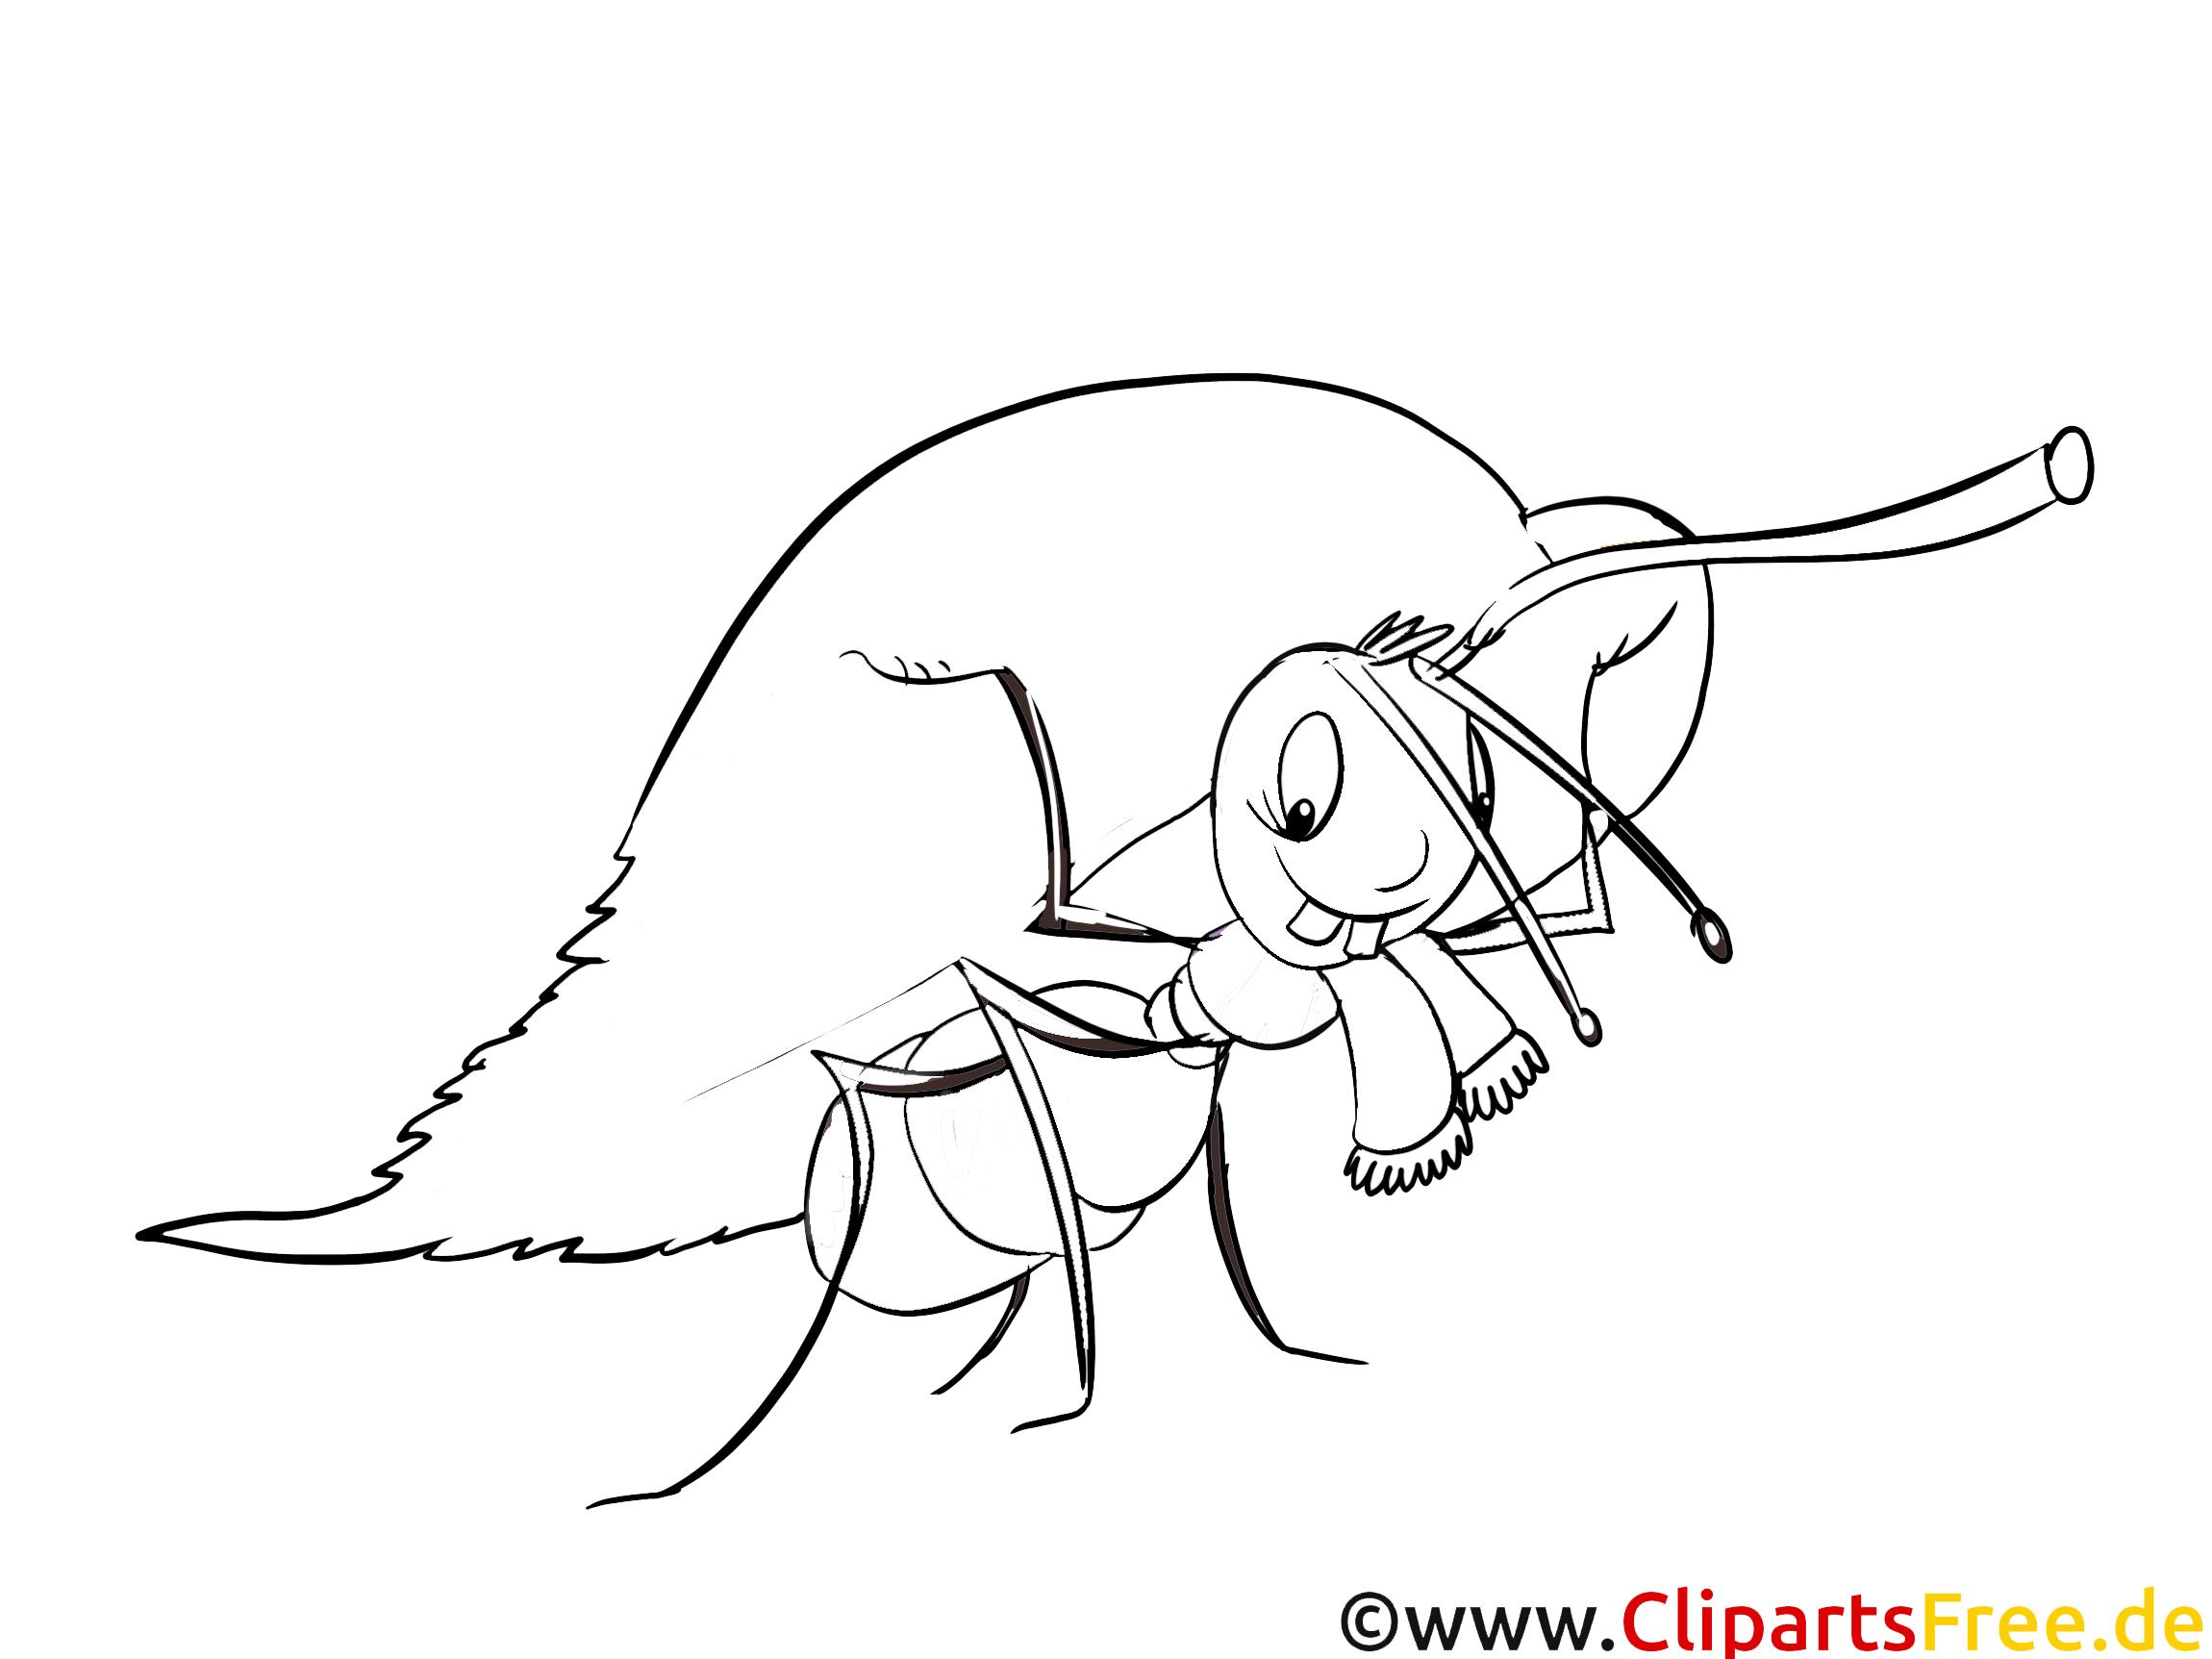 Ameise Bild Zum Ausmalen Malvorlagen Fur Kinder Ausmalen Bilder Zum Ausmalen Ameisen